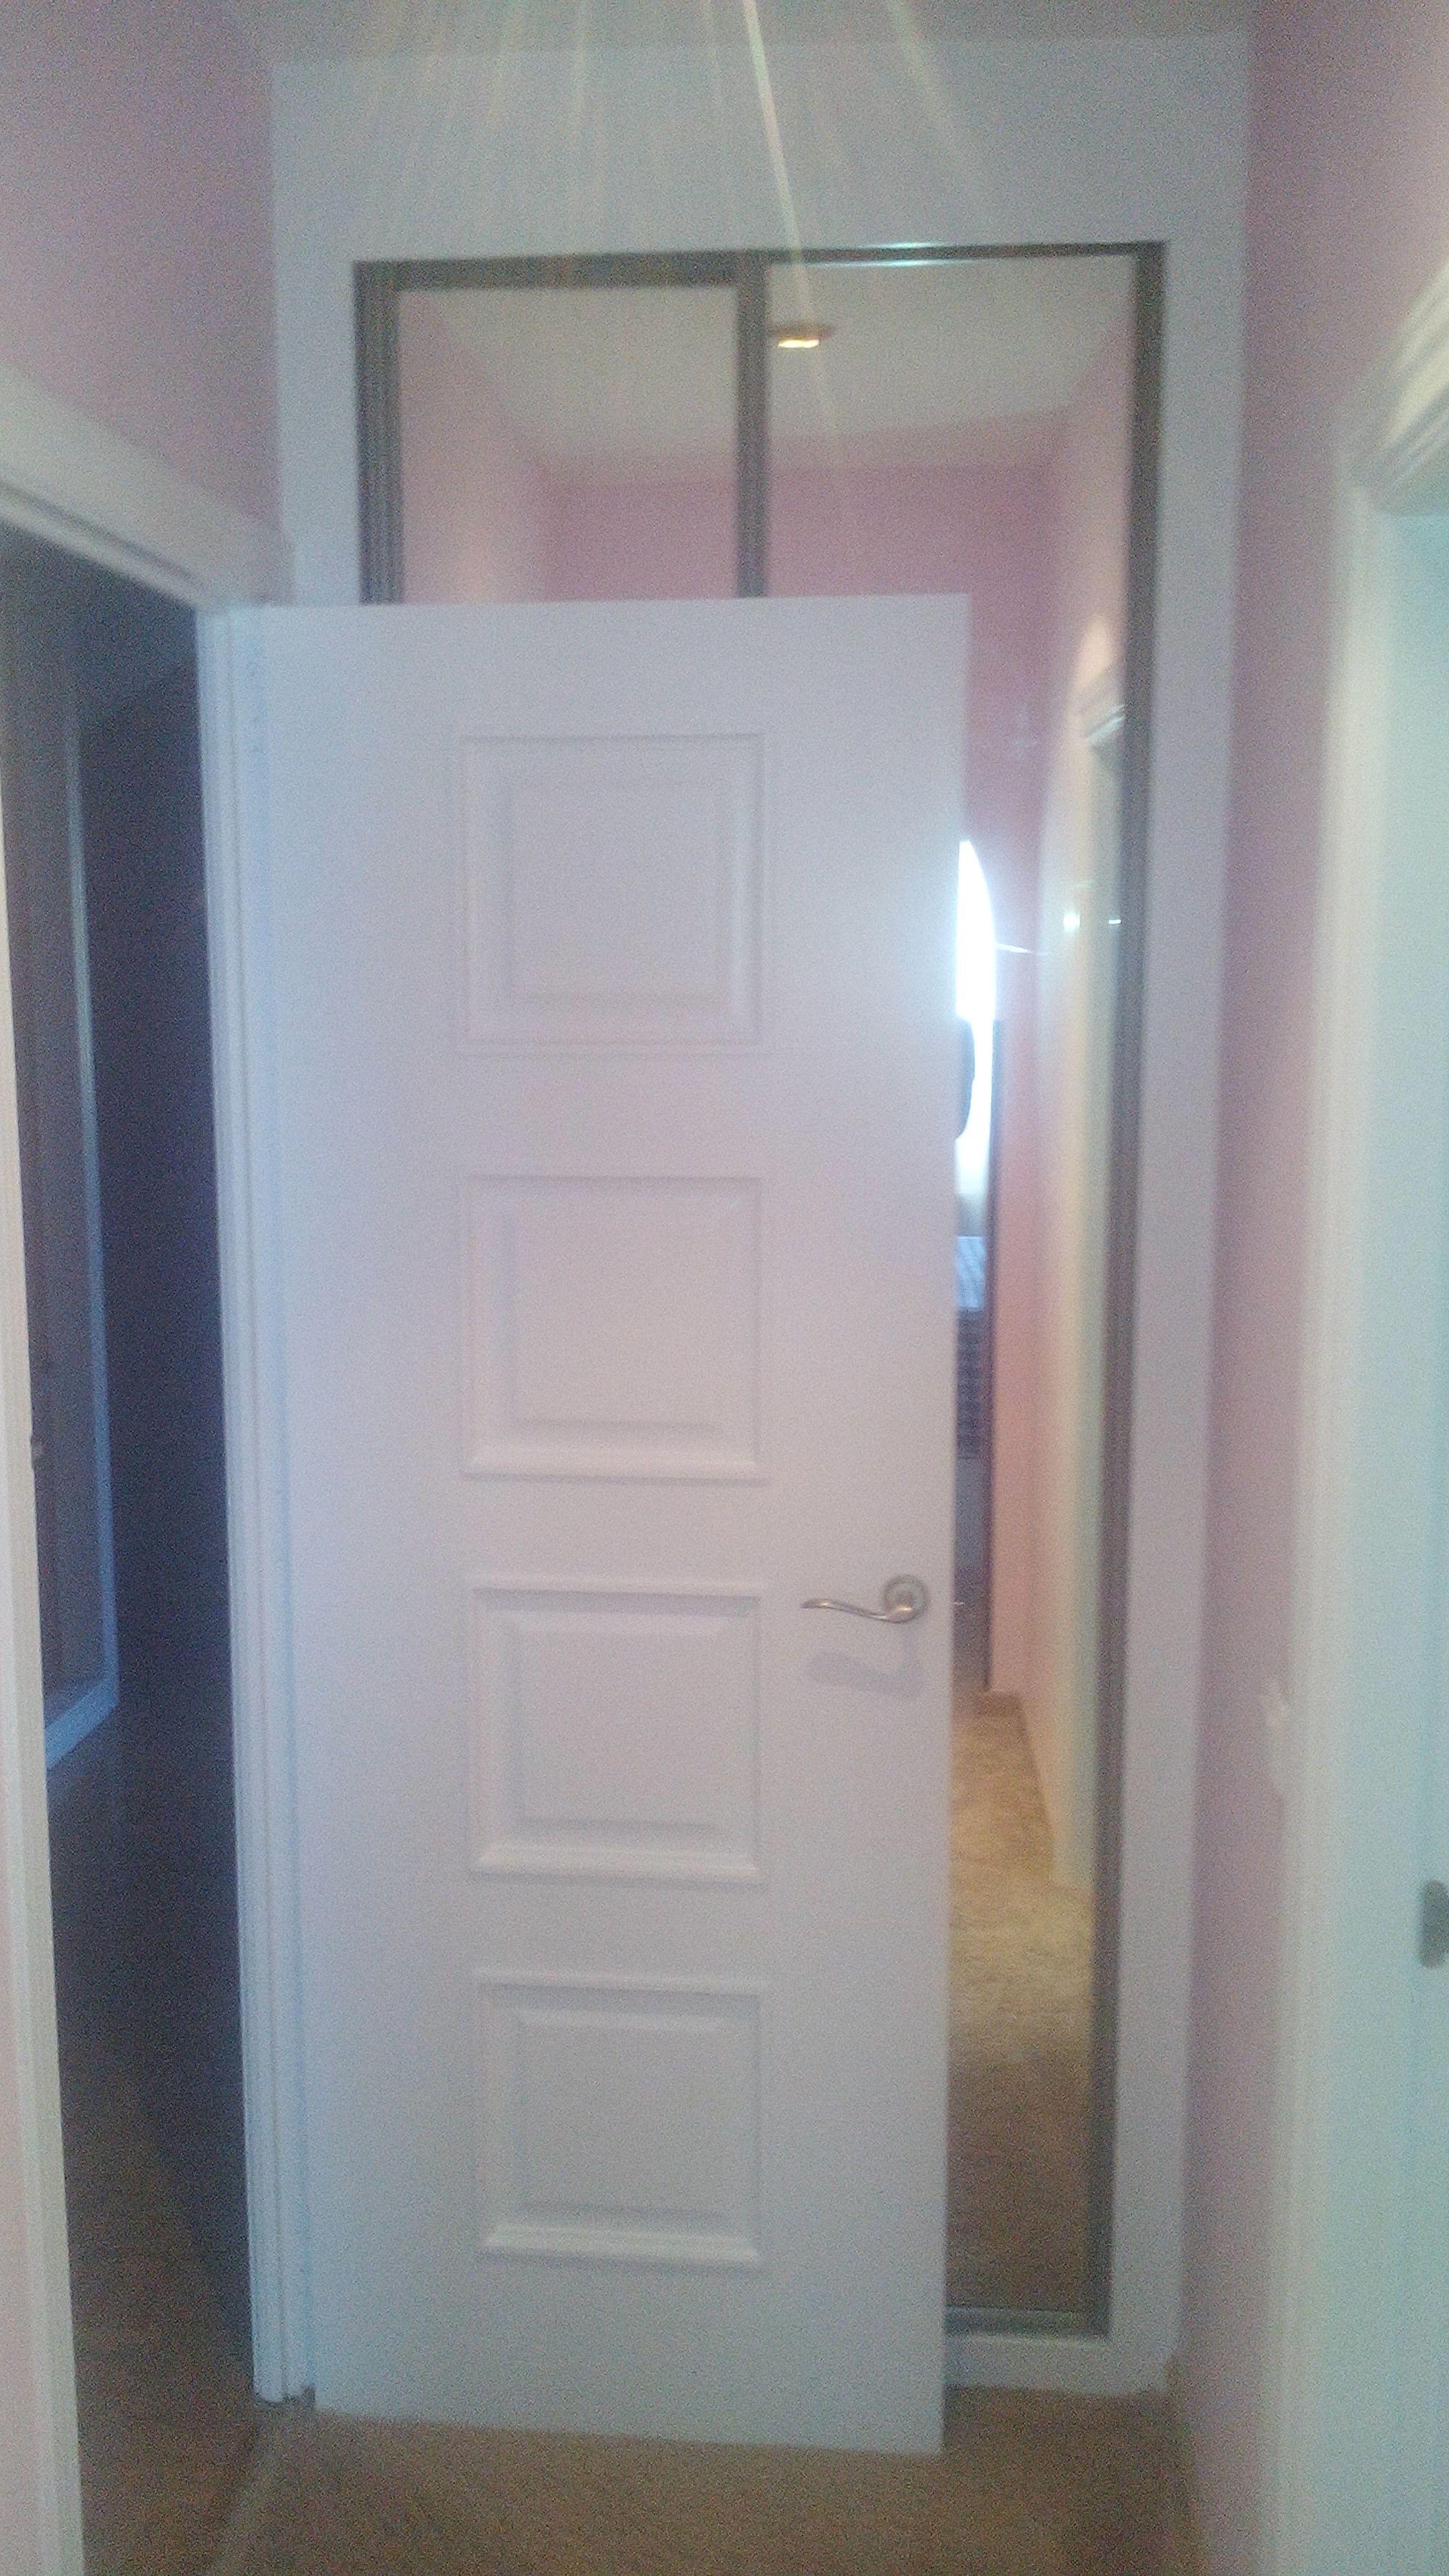 Como lacar una puerta en blanco great puertas lacadas en blanco es tendencia with como lacar Lacar puertas en blanco